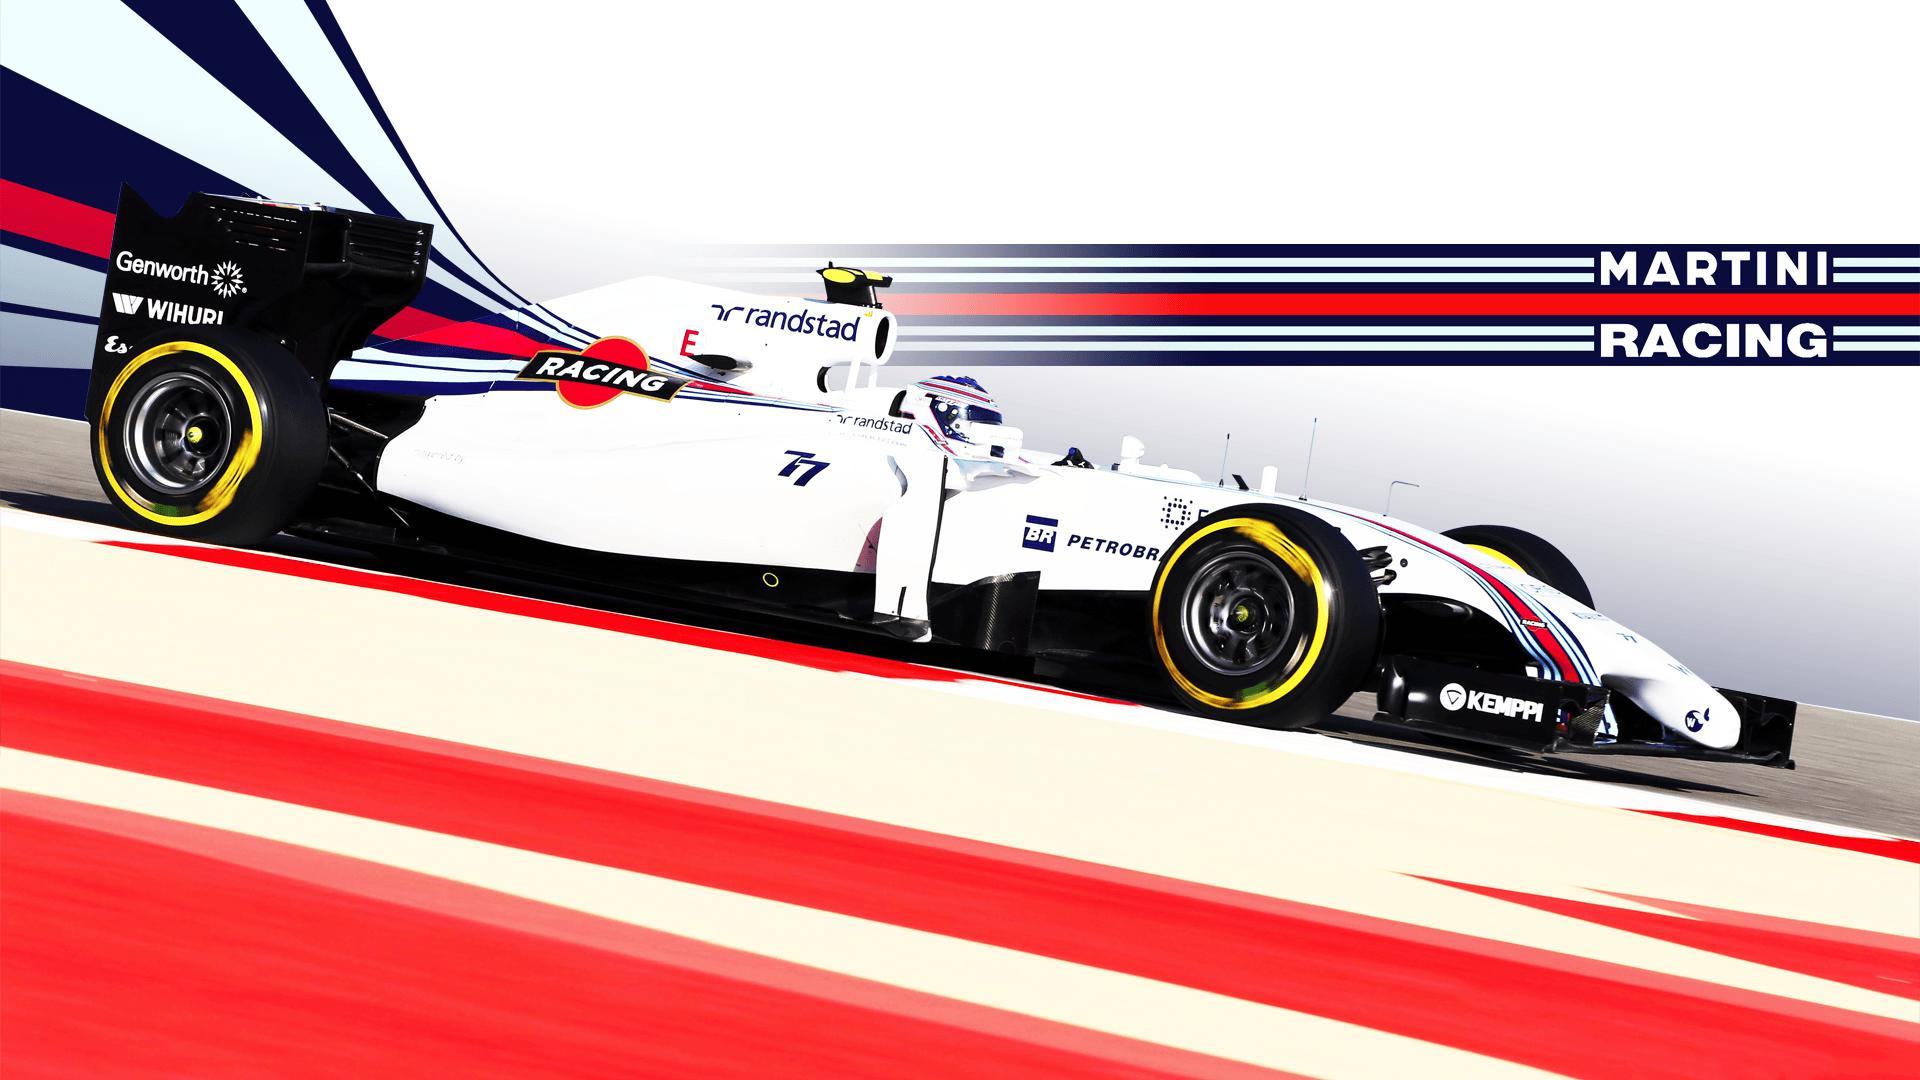 <b>HD Formula 1 Wallpapers</b> - WallpaperSafari